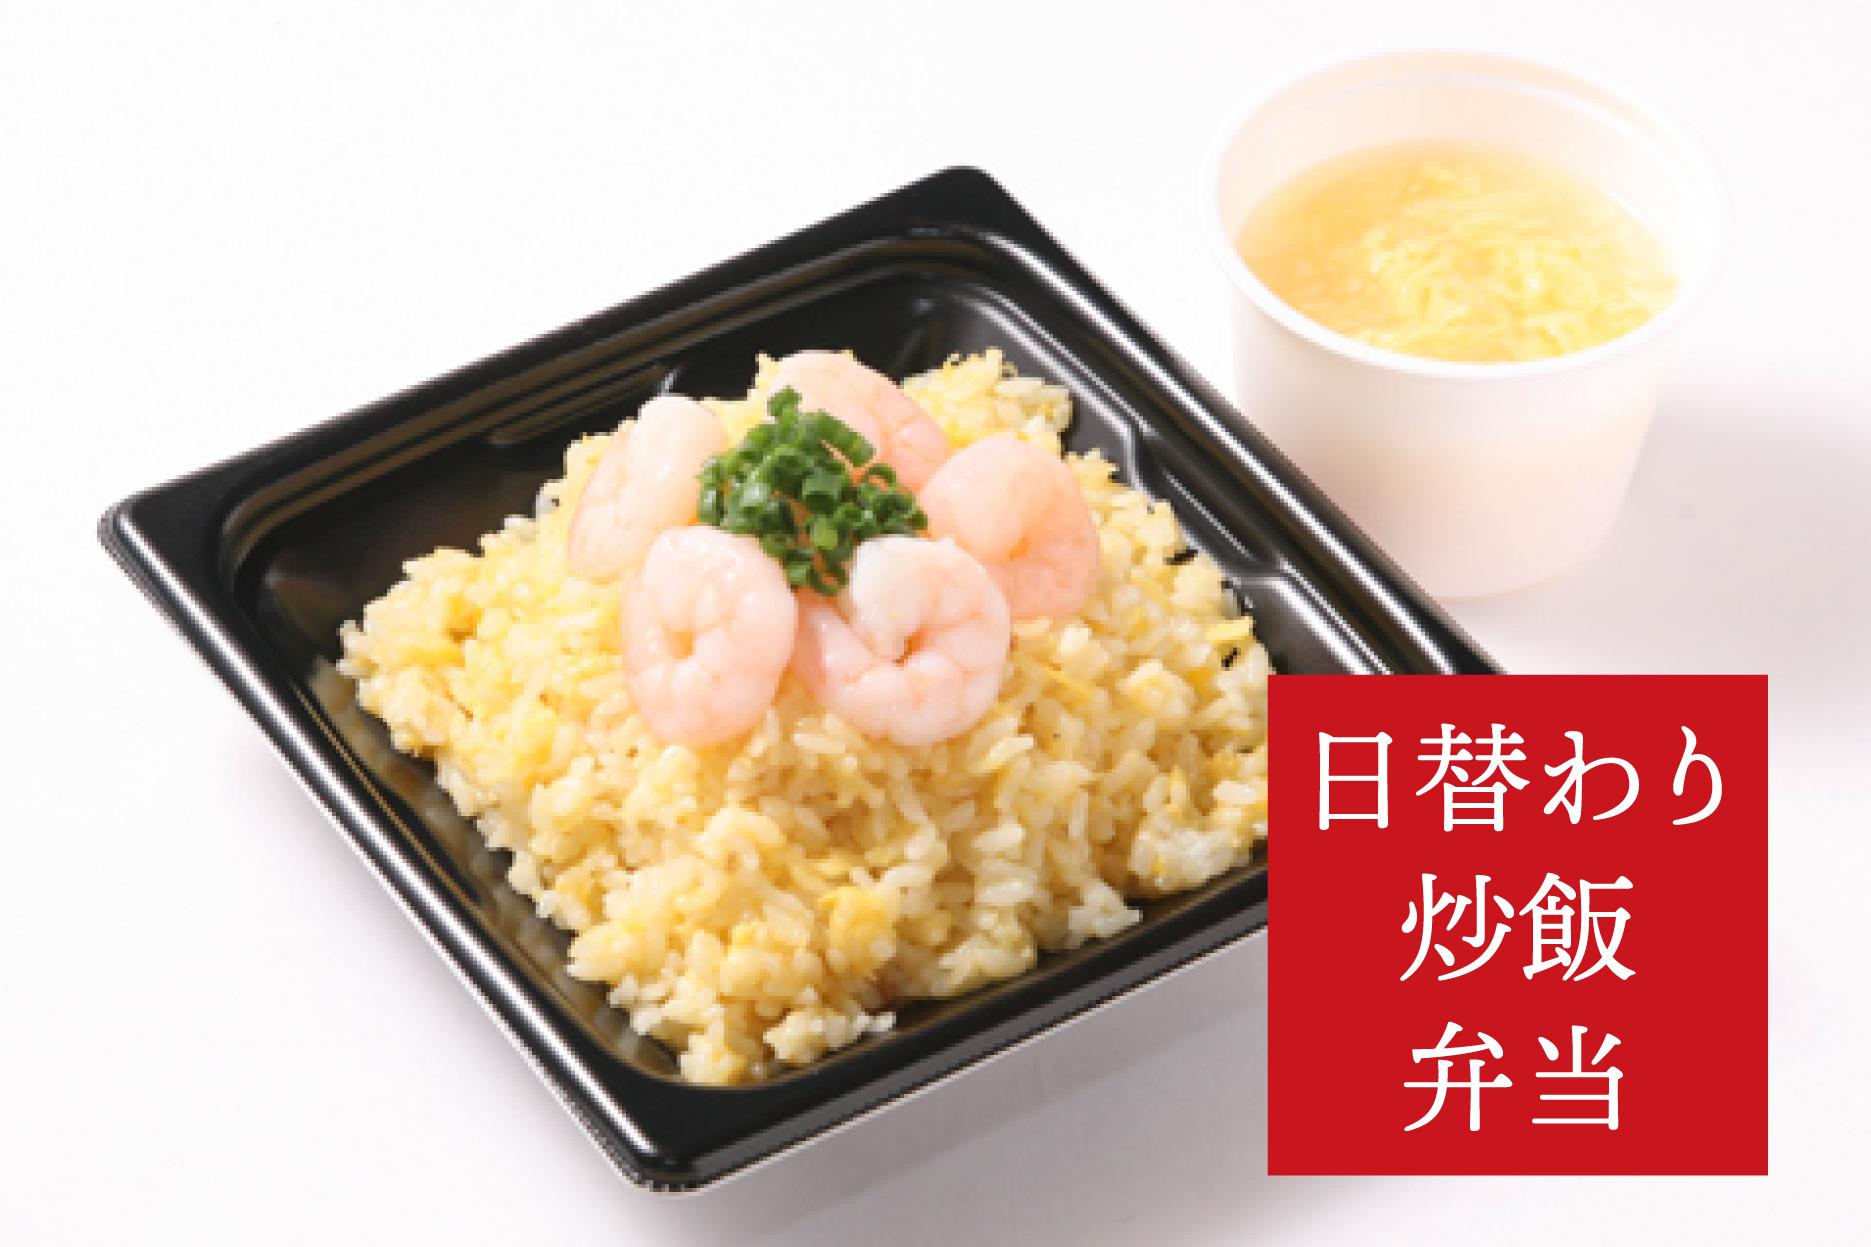 【平日ランチ限定】日替わり 炒飯